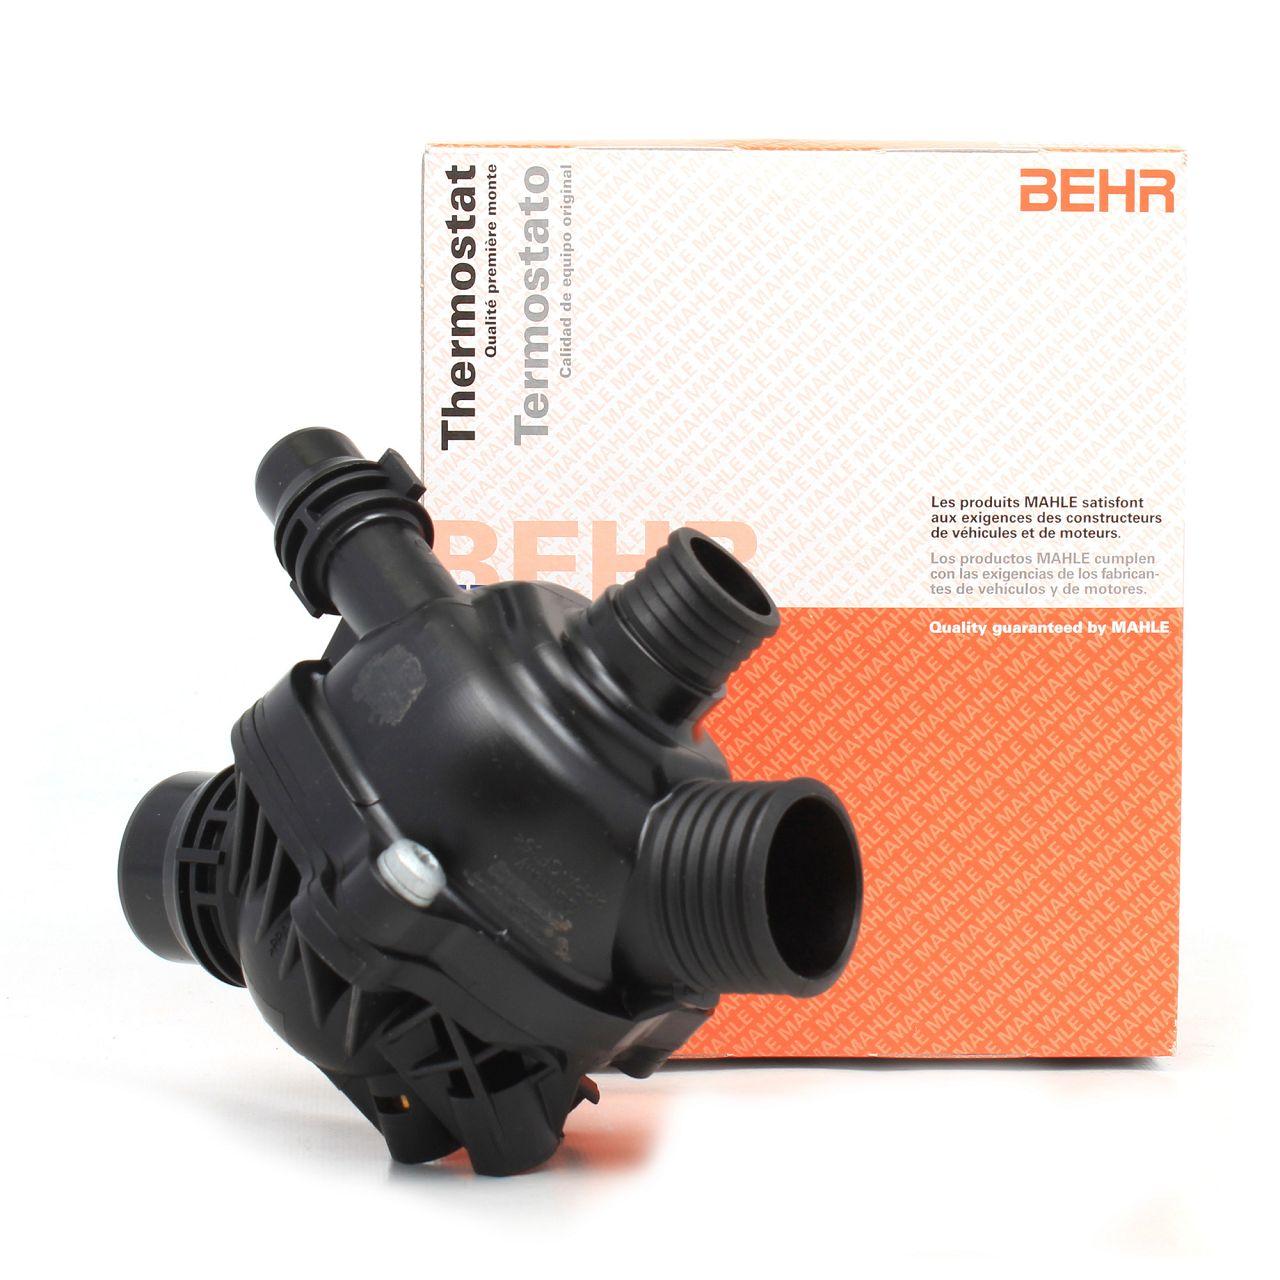 BEHR MAHLE Thermostat TM1497 für BMW E81-88 E90-93 E60 E61 F10 E63 E64 E65-67